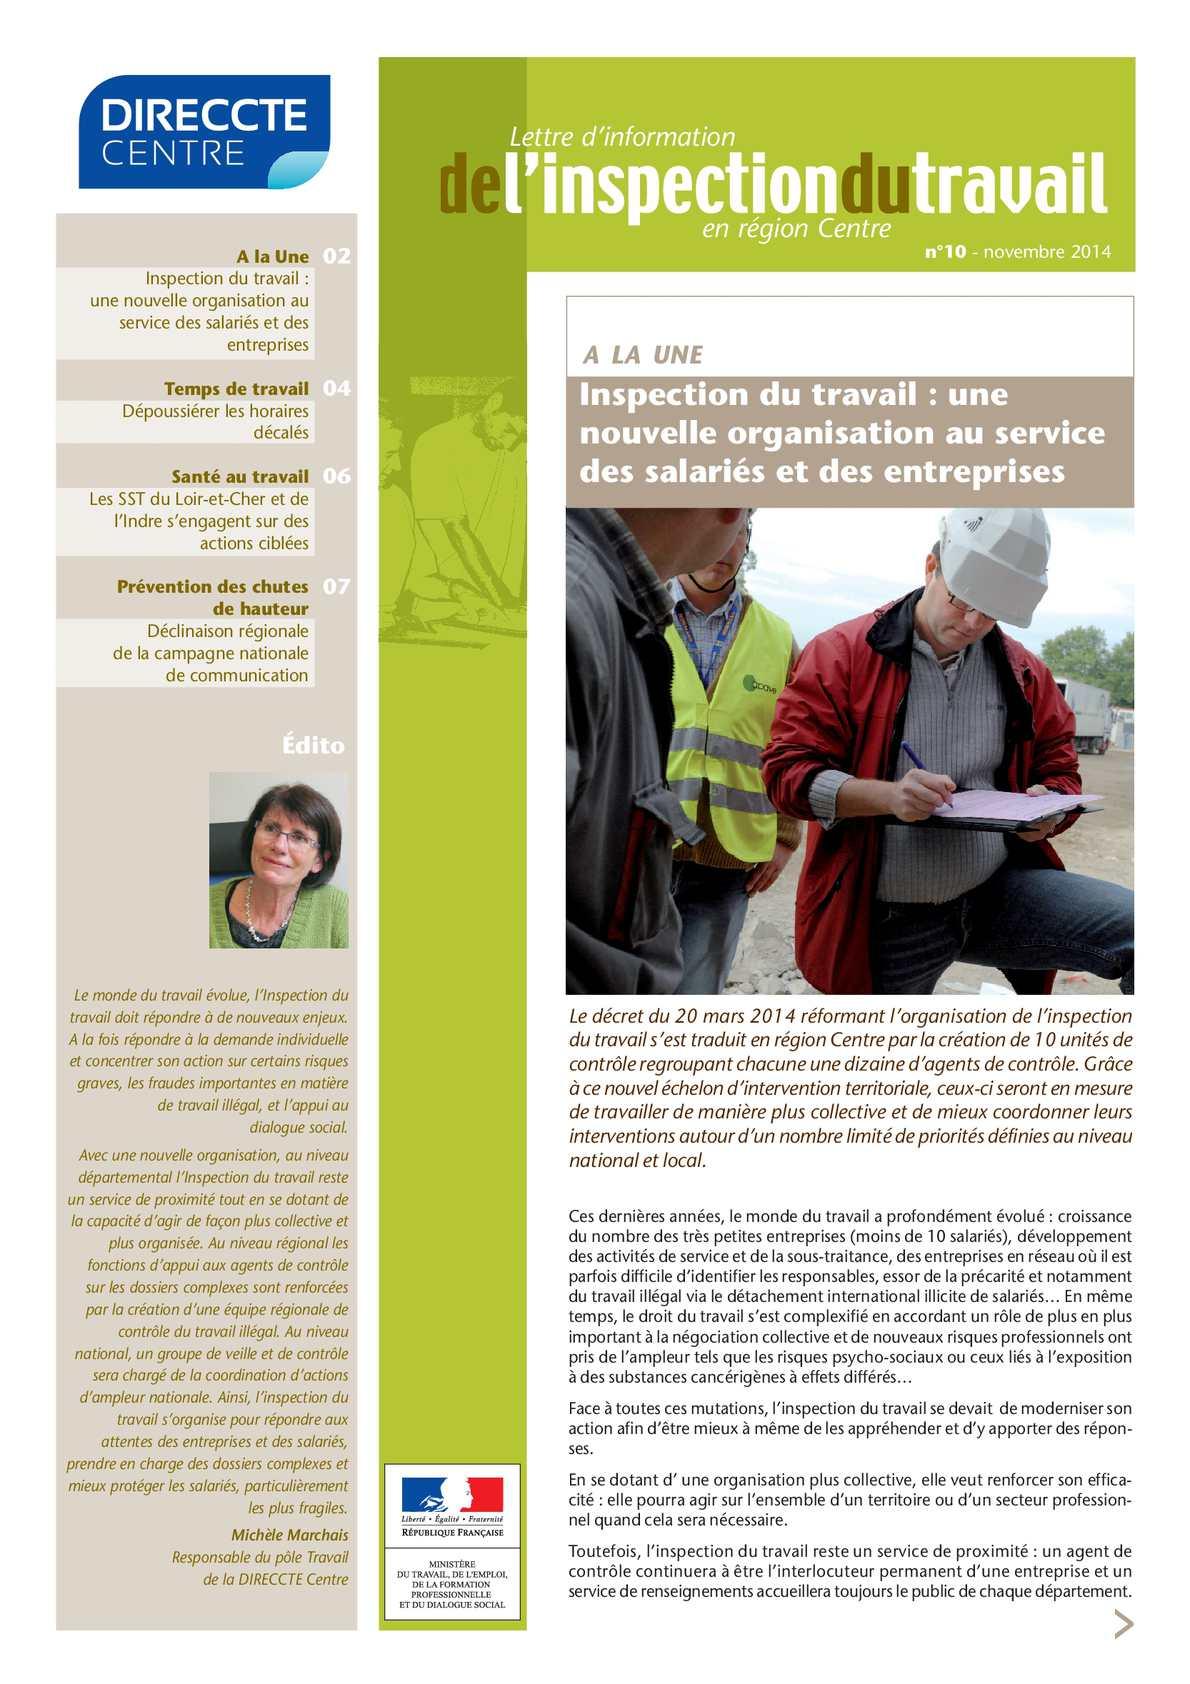 Calam o 10 lettre d information de l inspection du travail en r gion centre n 10 - Inspection du travail bourges ...